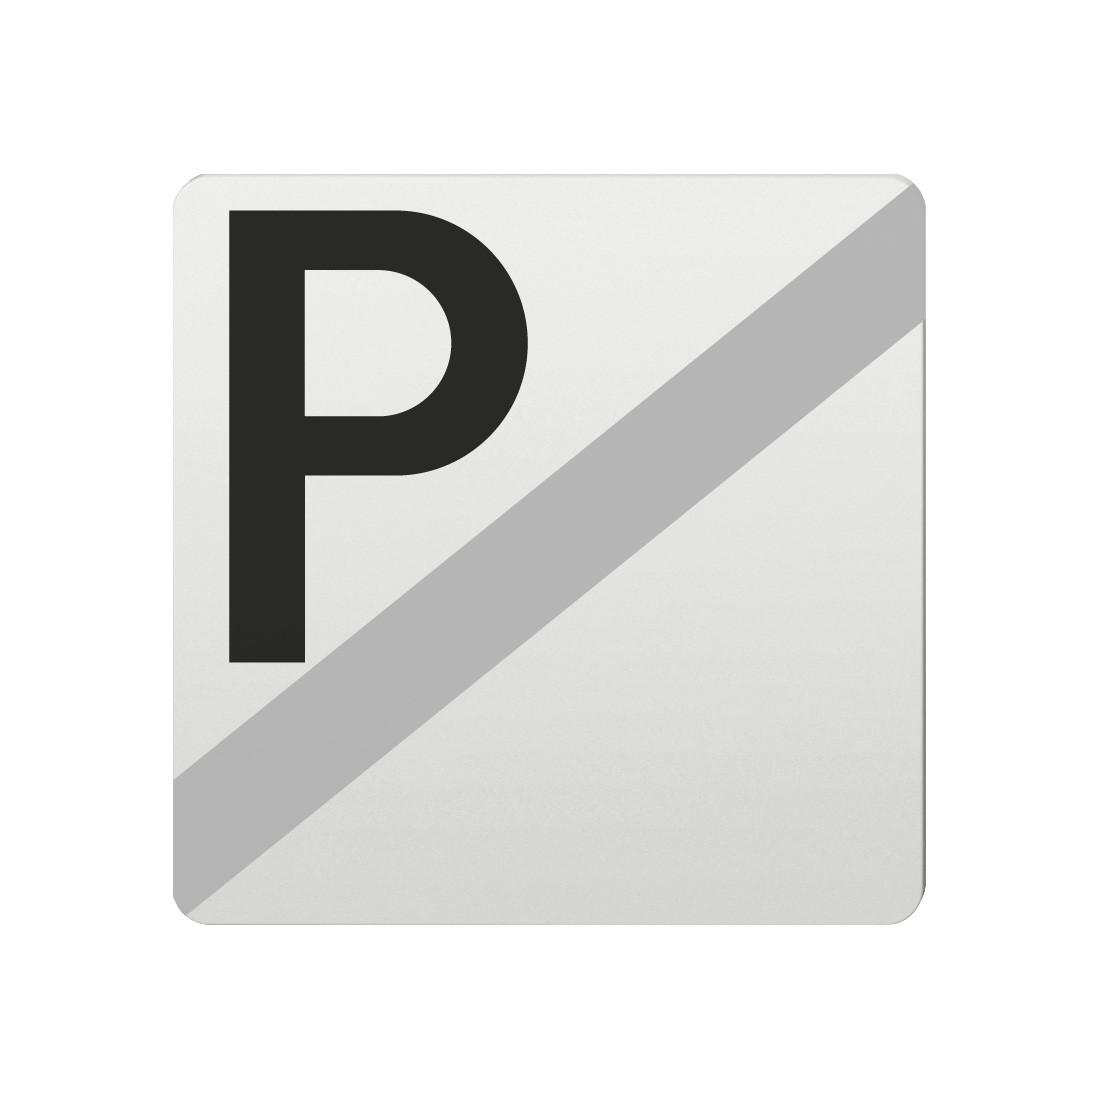 FSB Hinweiszeichen Parken verboten Lasergraviert Aluminium naturfarbig (0 36 4059 00038 0105)